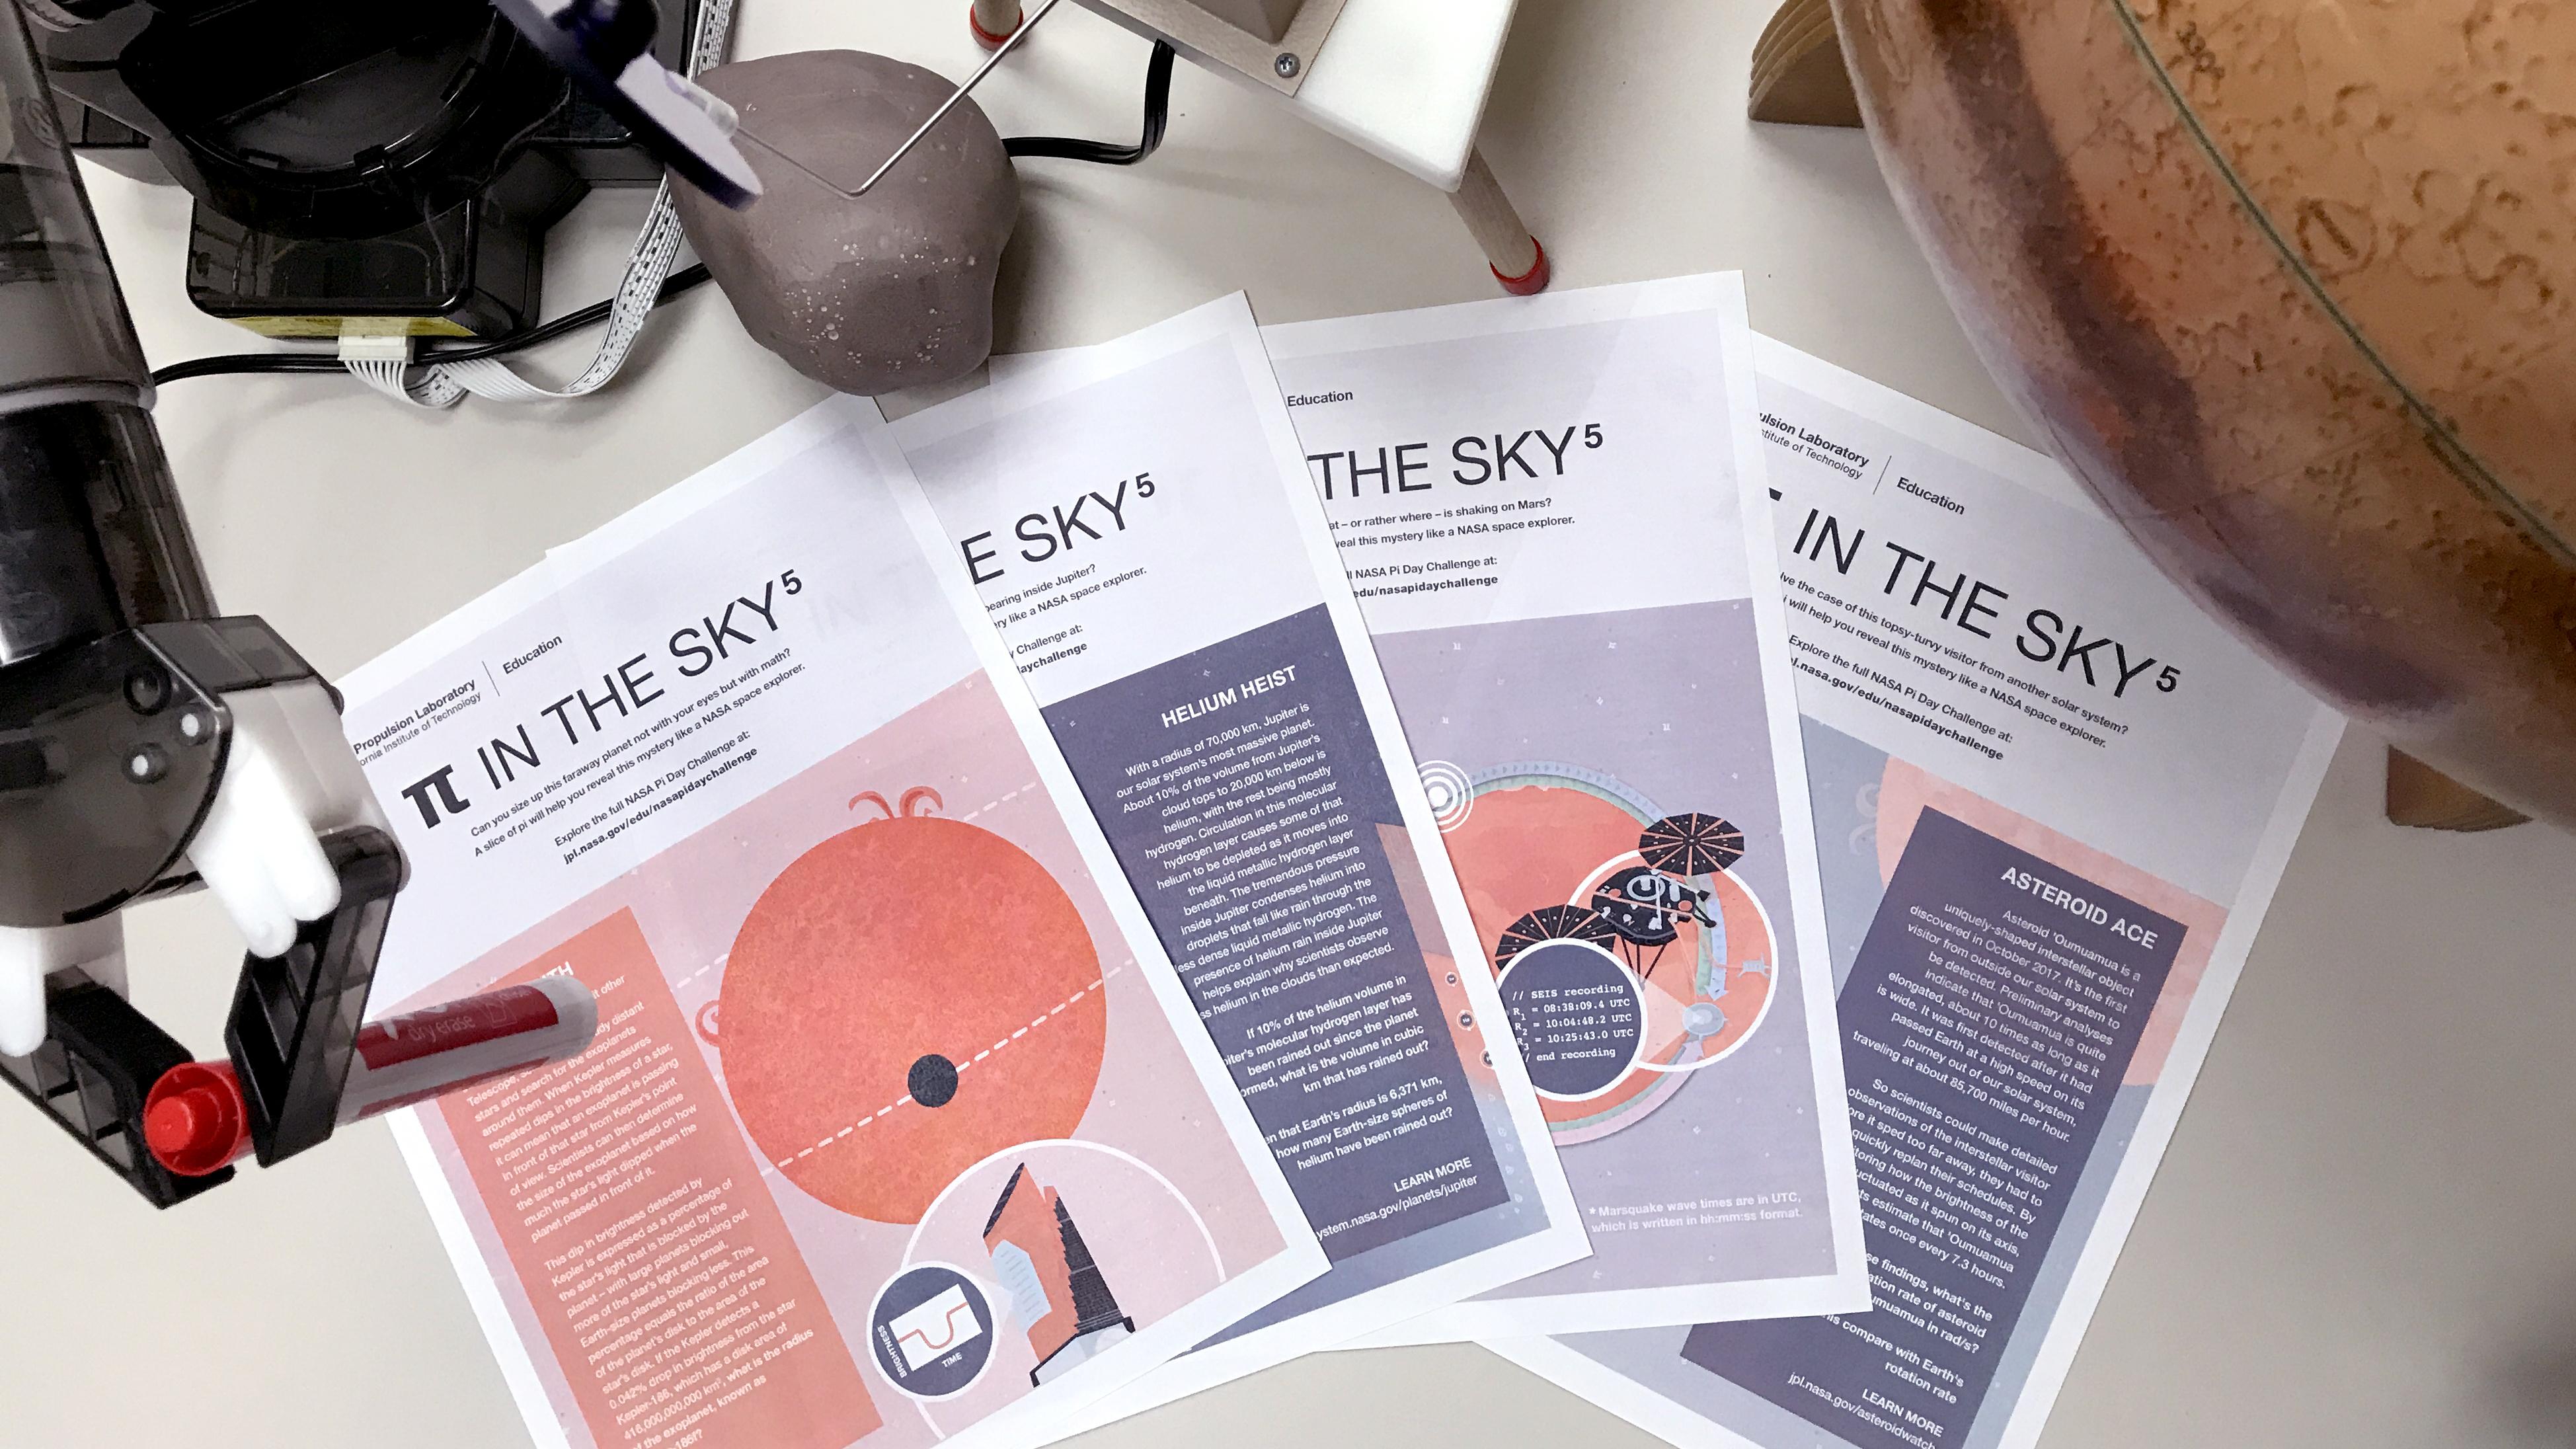 Pi in the Sky 5